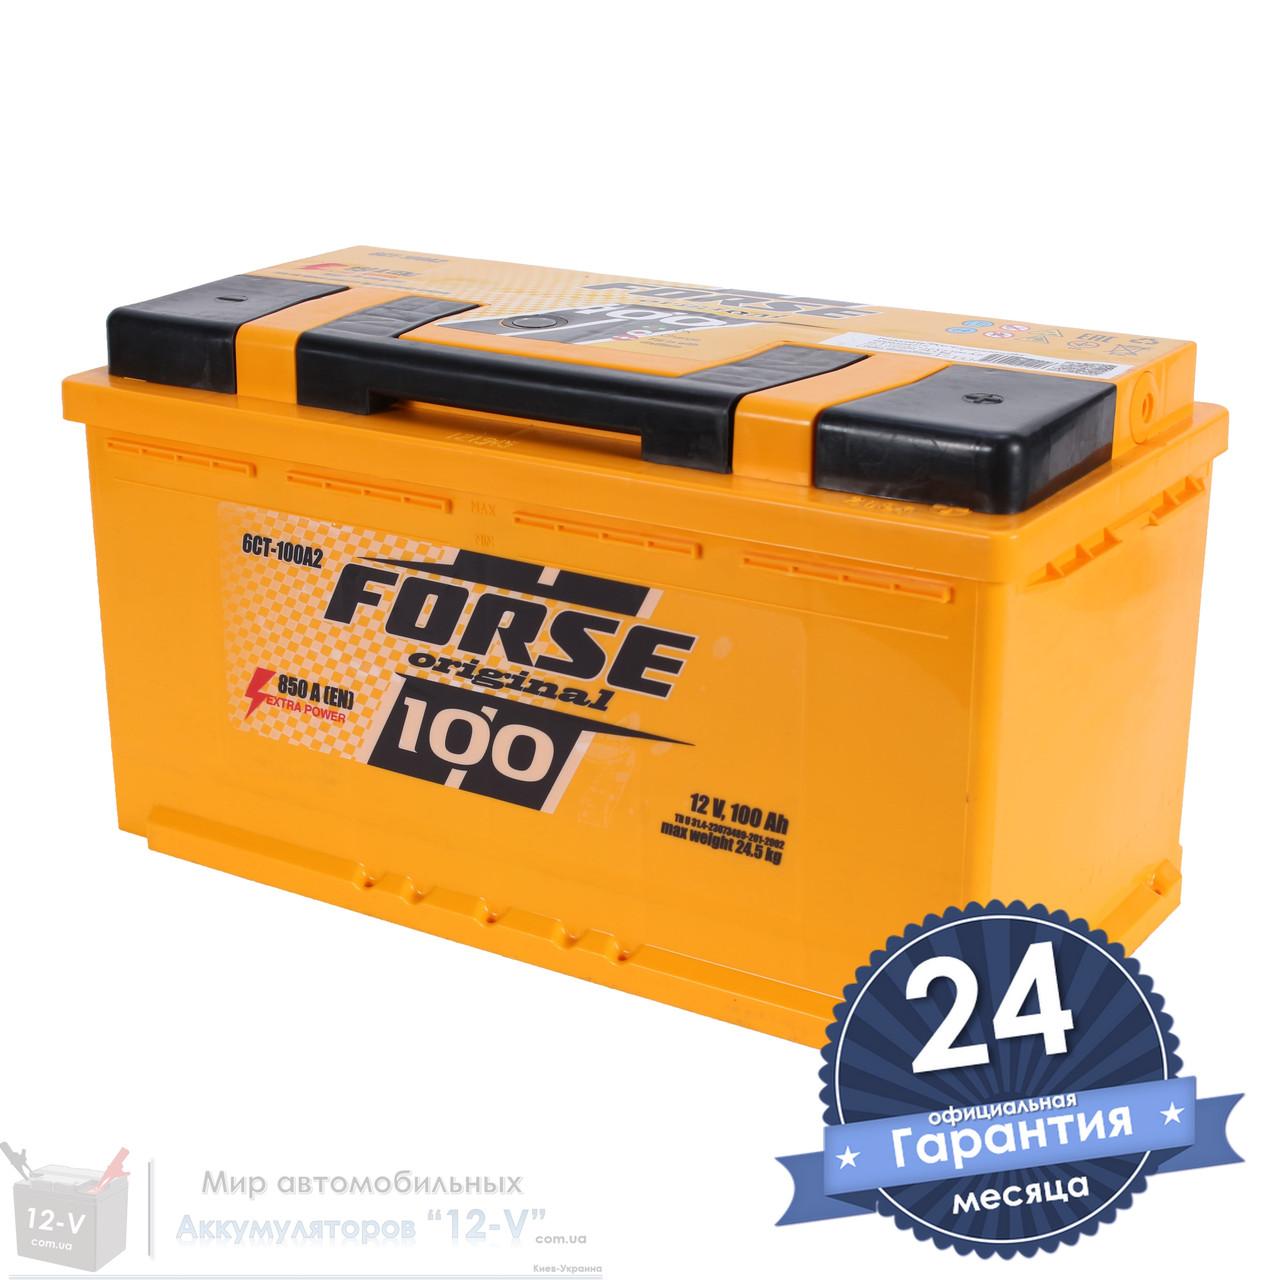 Аккумулятор автомобильный FORSE Original 6CT 100Ah, пусковой ток 850A [–|+]